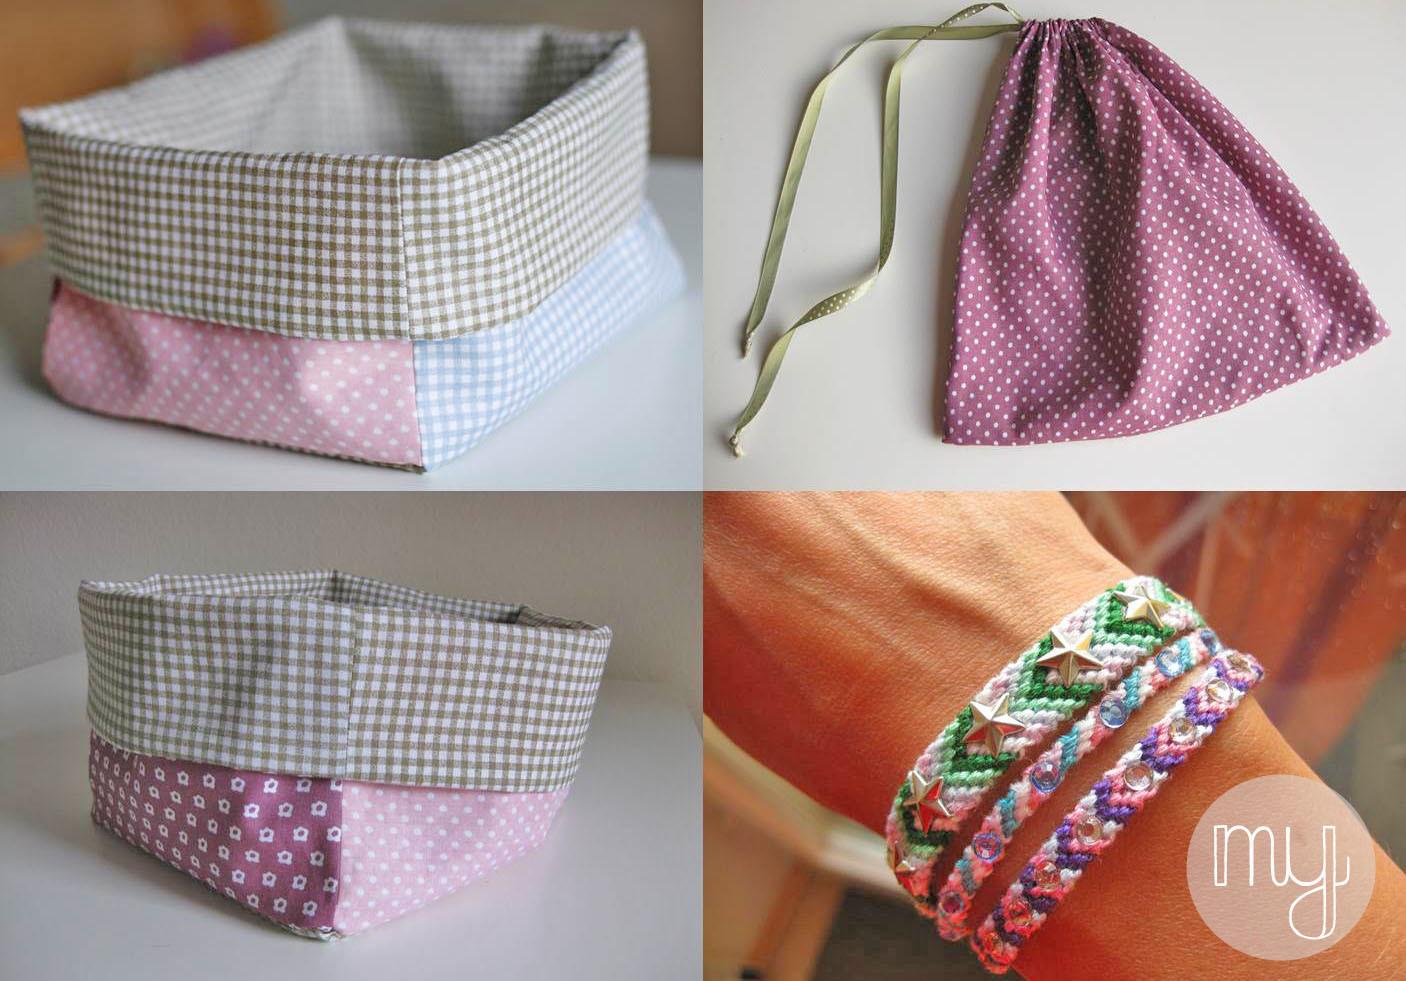 Geschenke Blog  I wear my own DIY Blog Geschenke